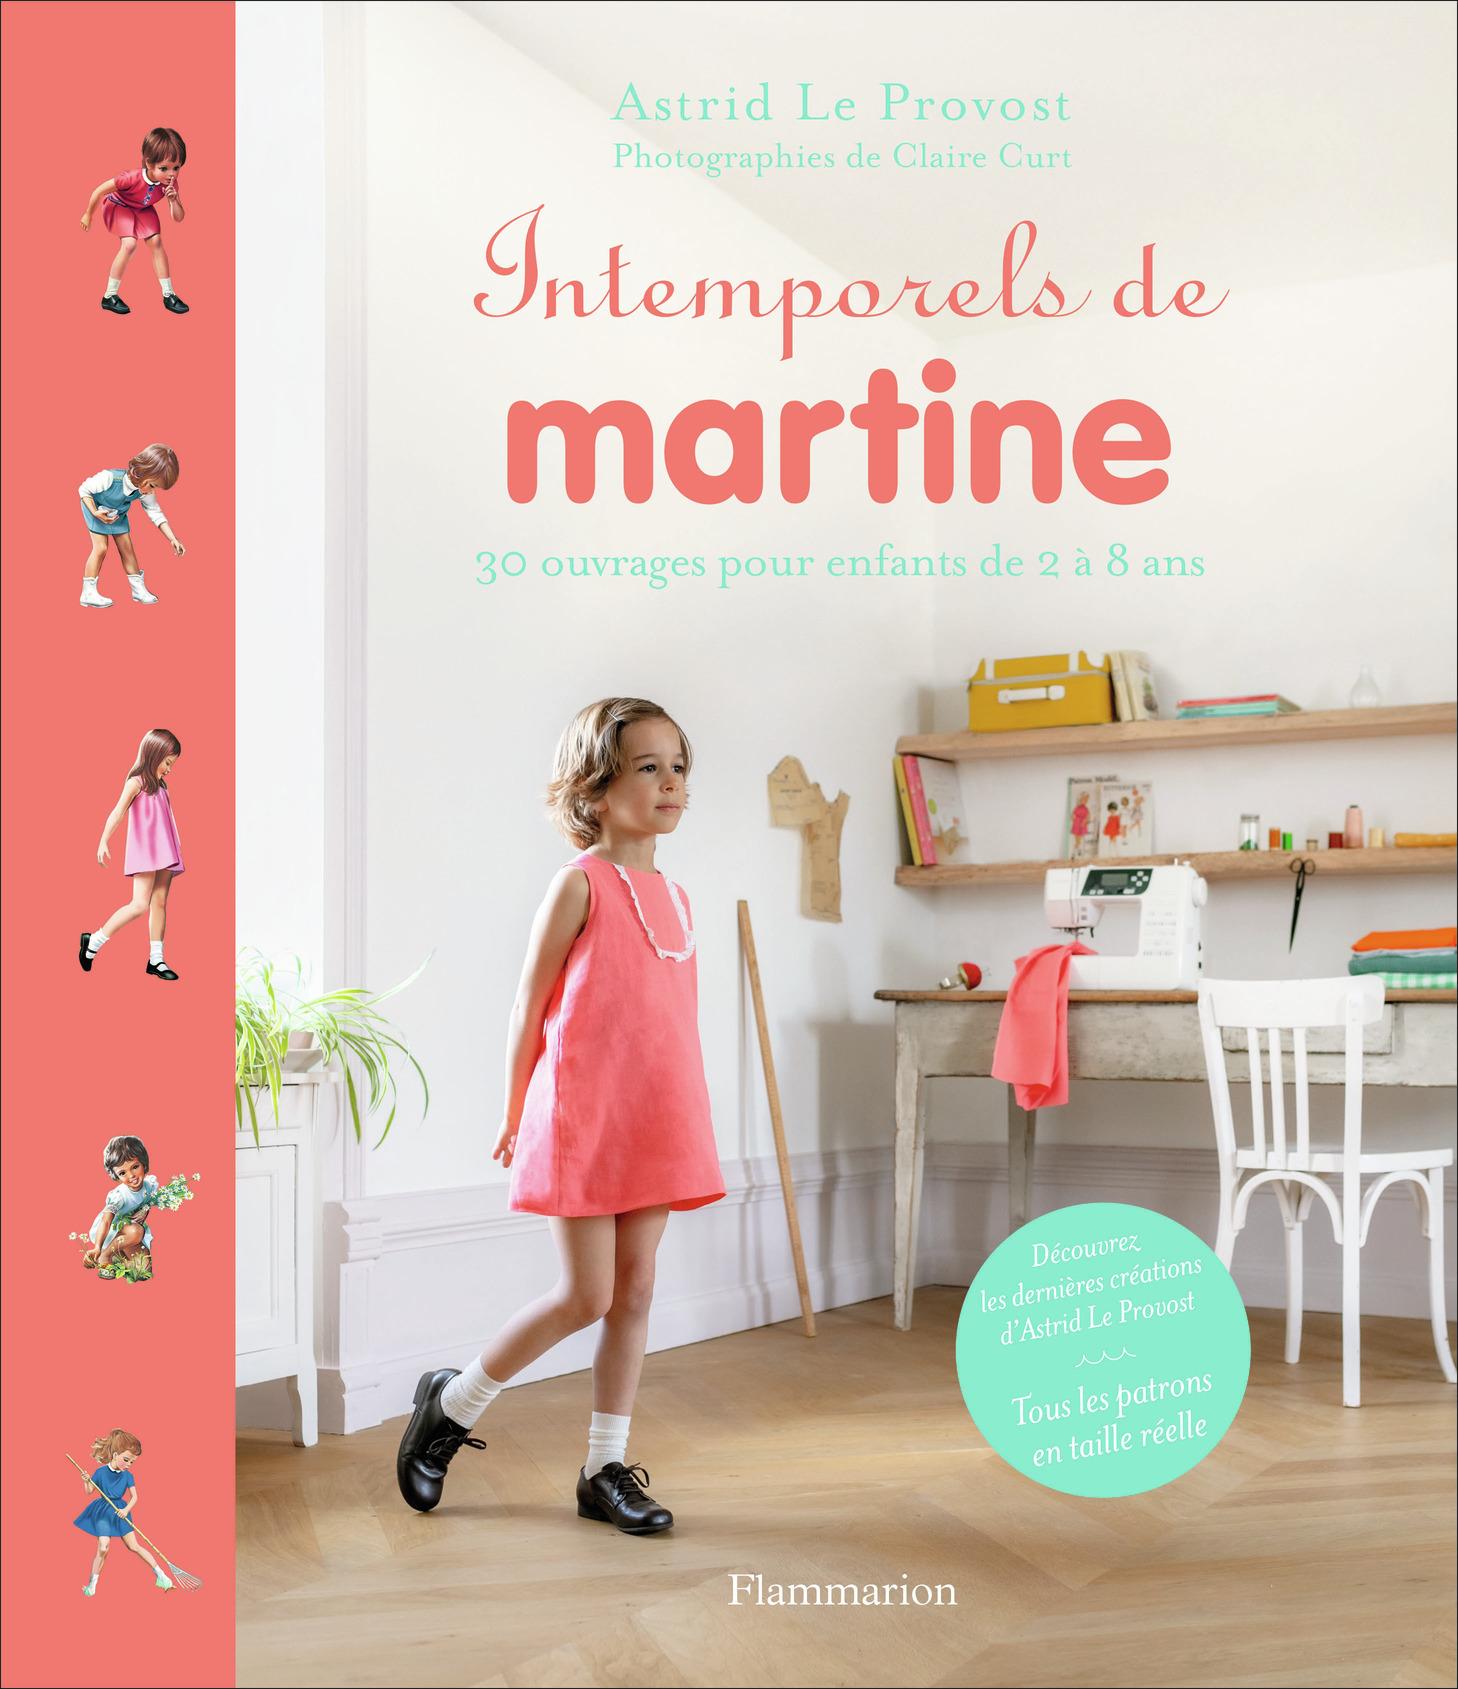 INTEMPORELS DE MARTINE - 30 OUVRAGES POUR ENFANTS DE 2 A 8 ANS